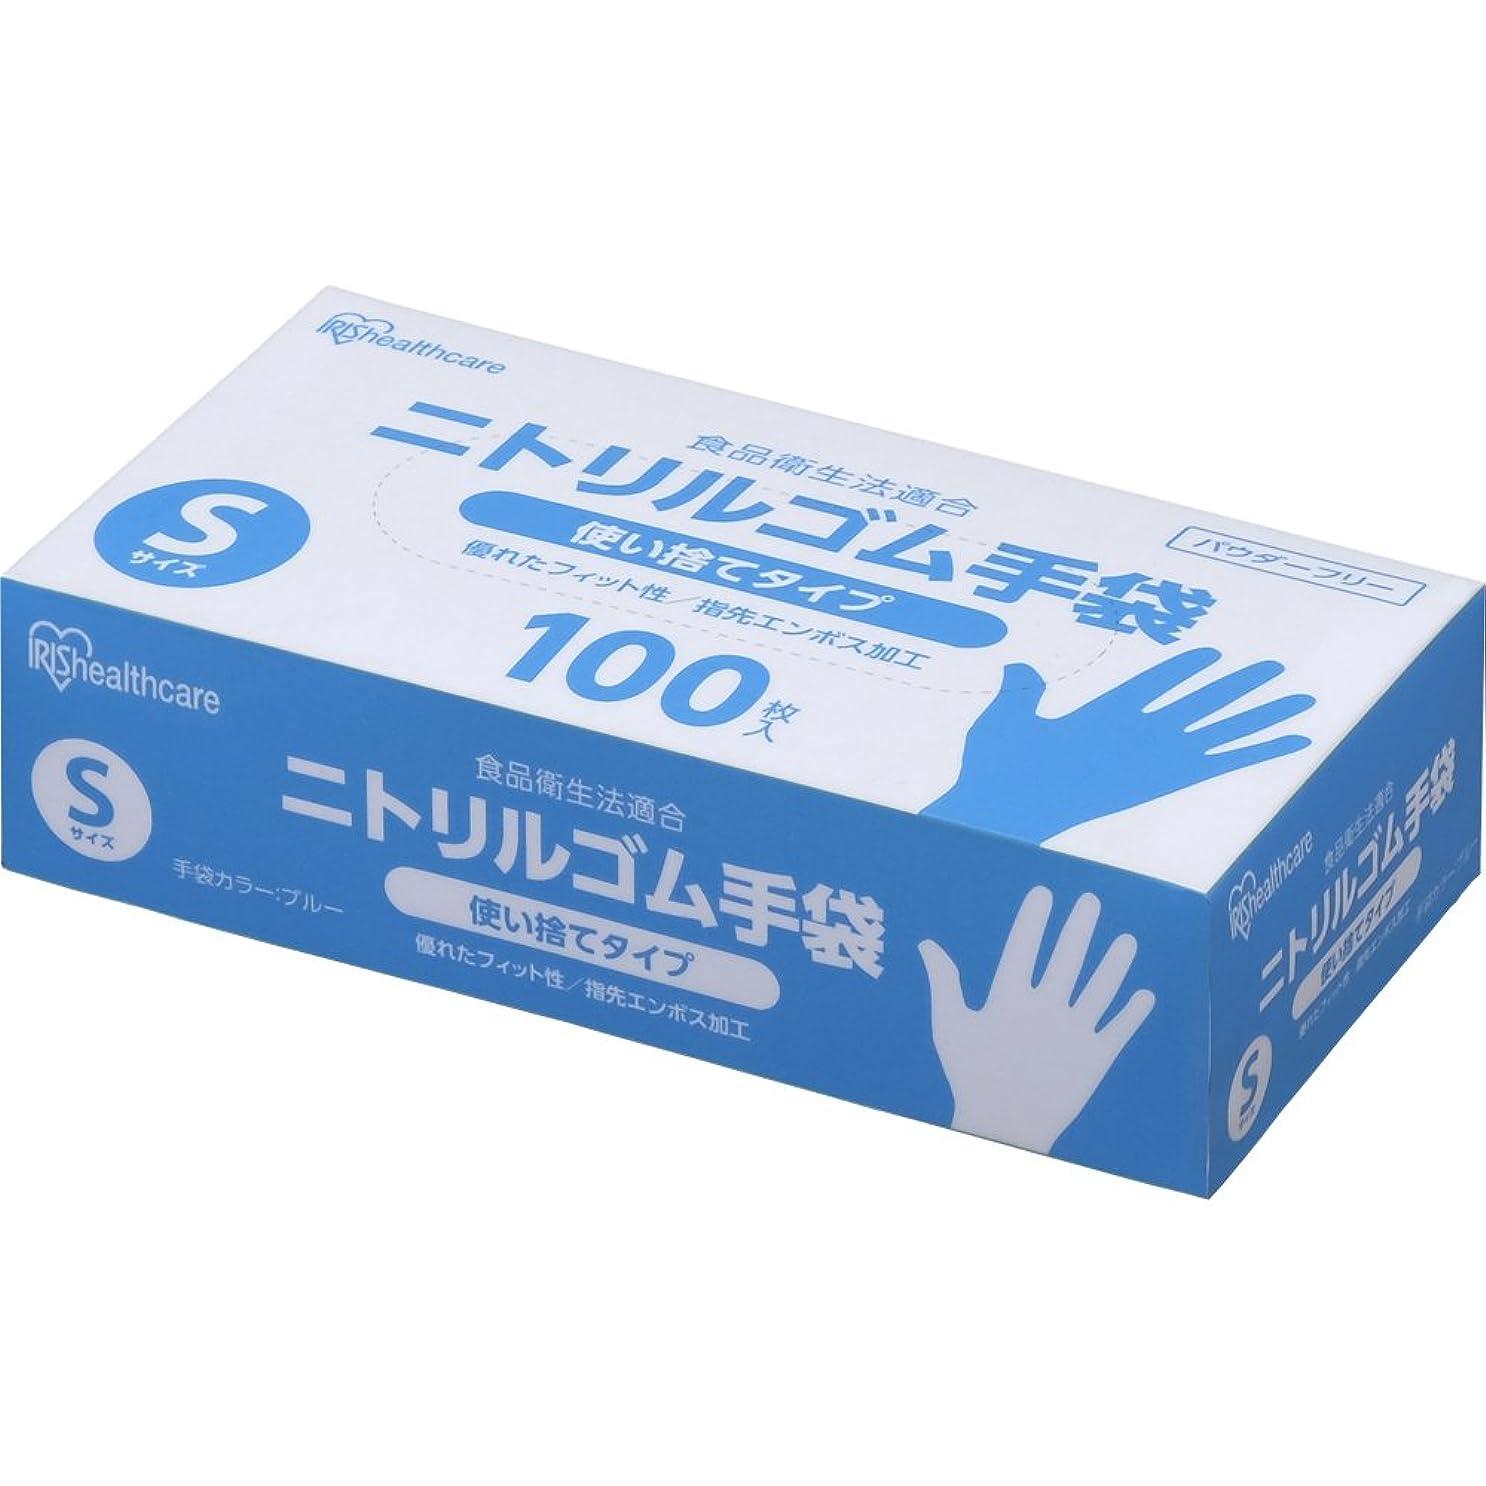 推測するカリキュラム好意的アイリスオーヤマ 使い捨て手袋 ブルー ニトリルゴム 100枚 Sサイズ 業務用